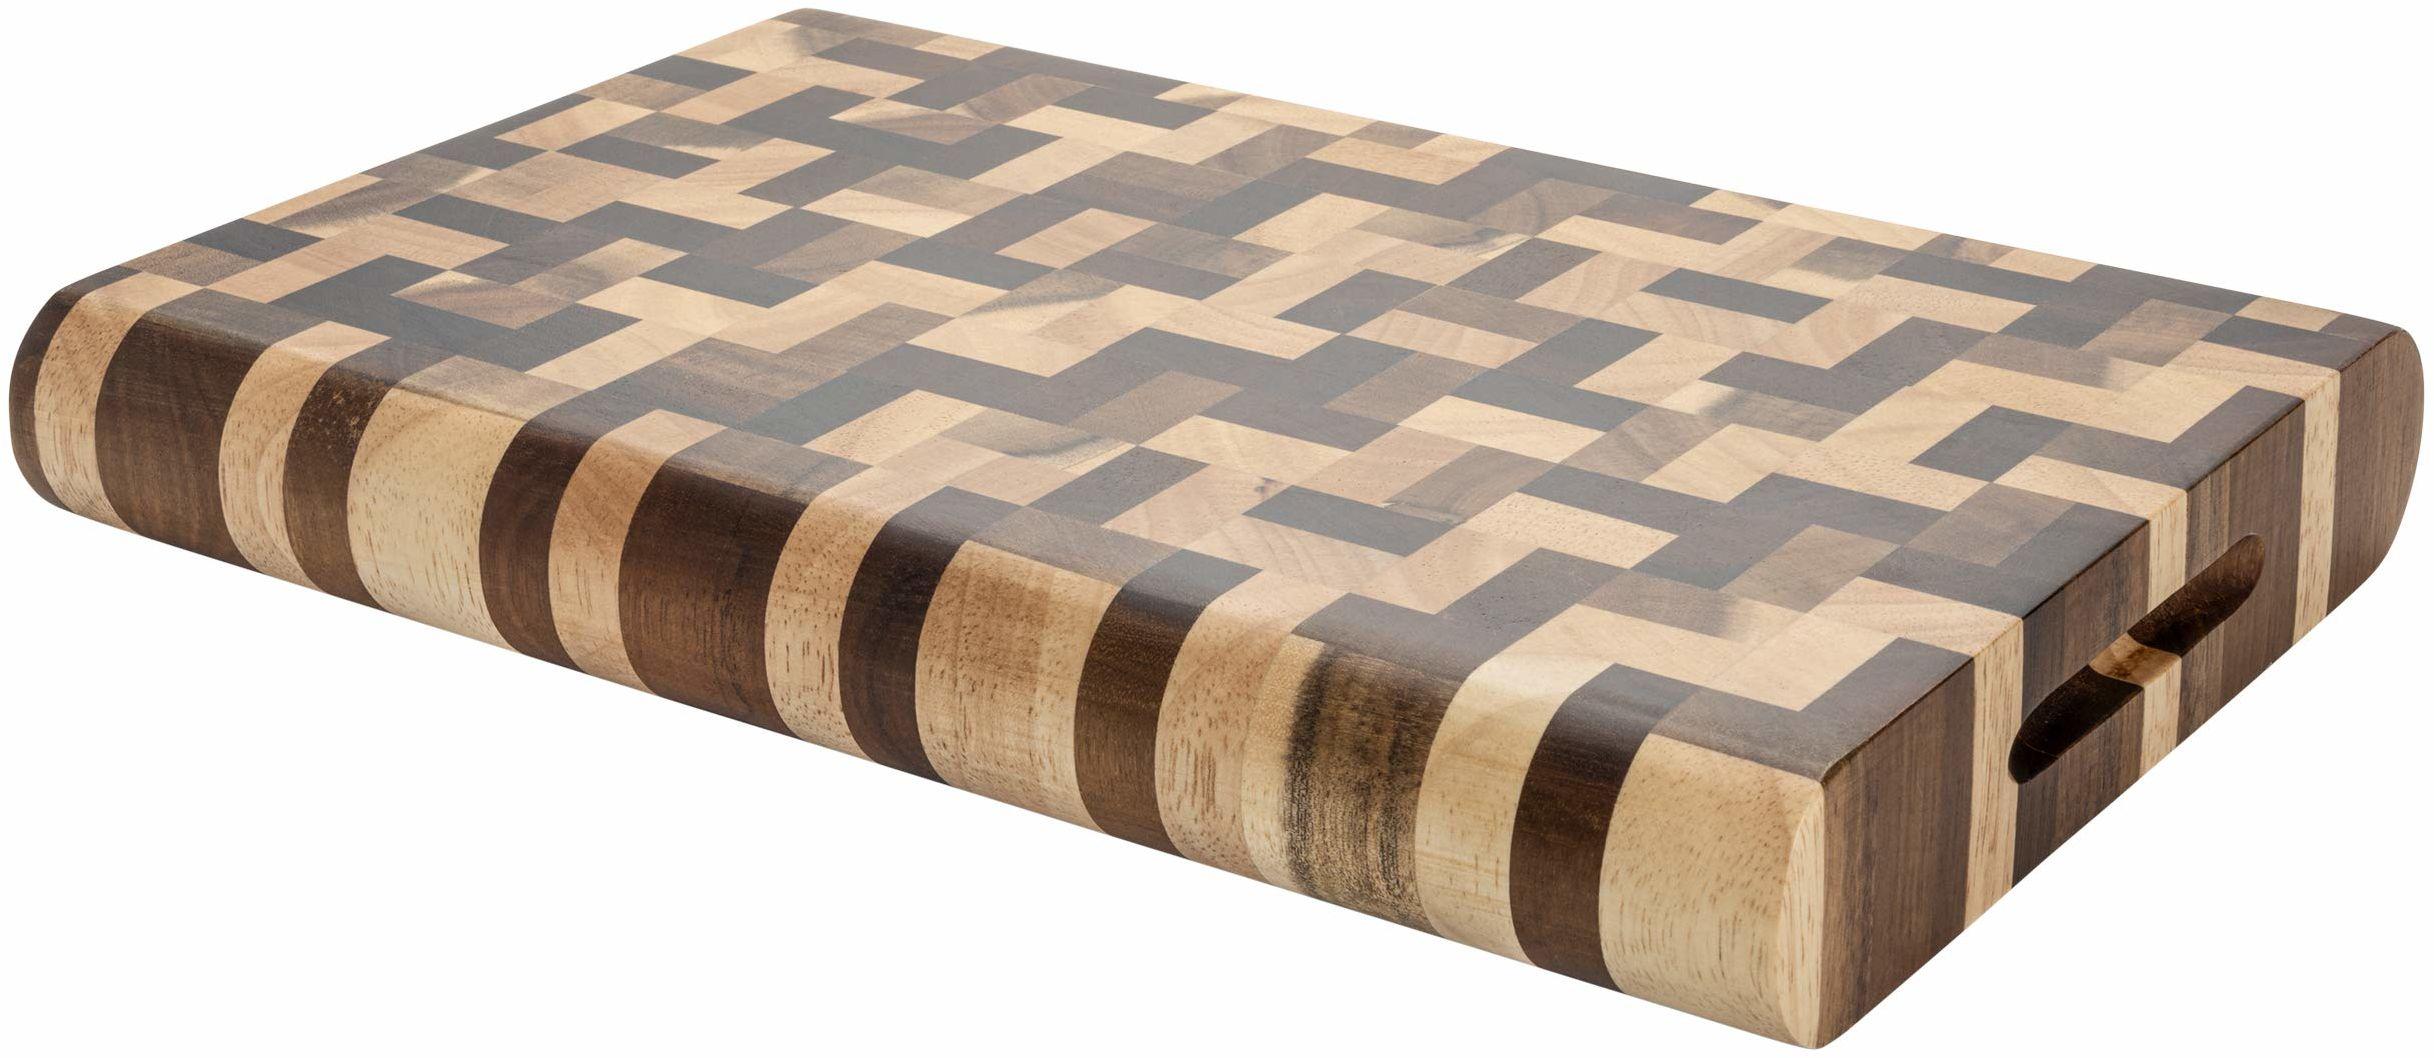 Grunwerg Rockingham Forest deska do krojenia z drewna akacjowego, węglowana akacja i drewno kauczukowe, prostokątna, 30 x 20 cm